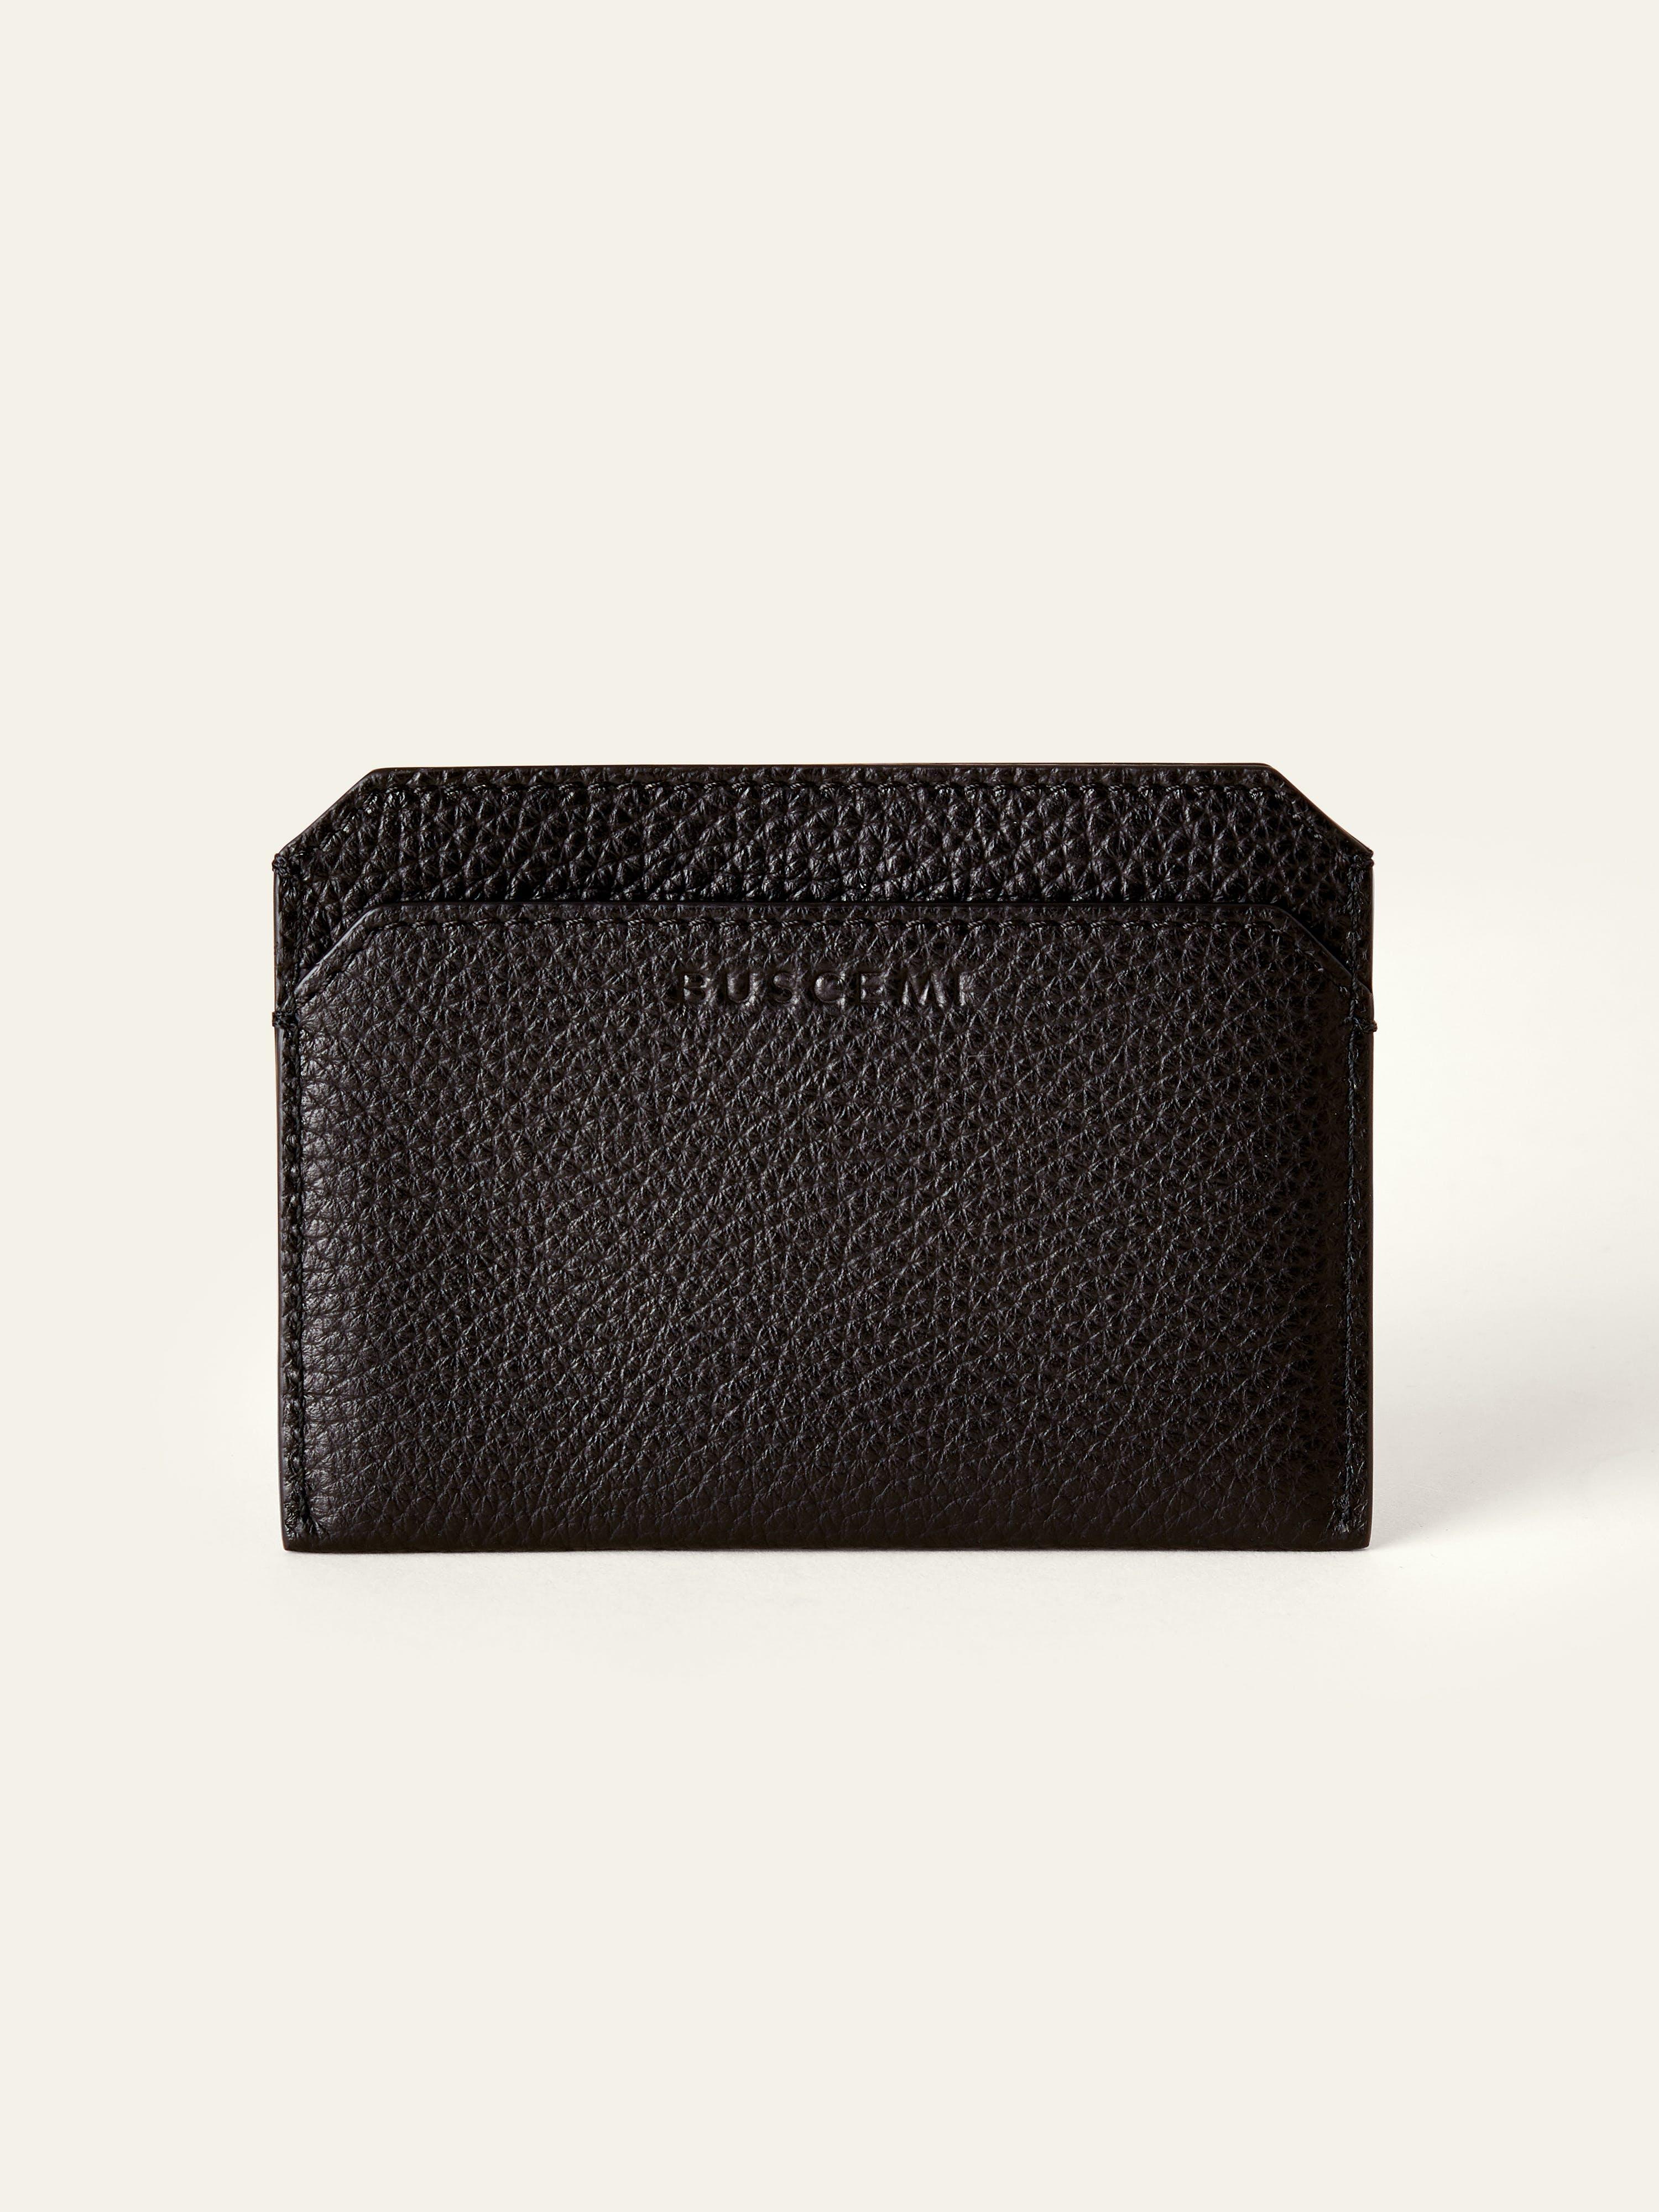 BUSCEMI Large Front Pocket Wallet  - Black